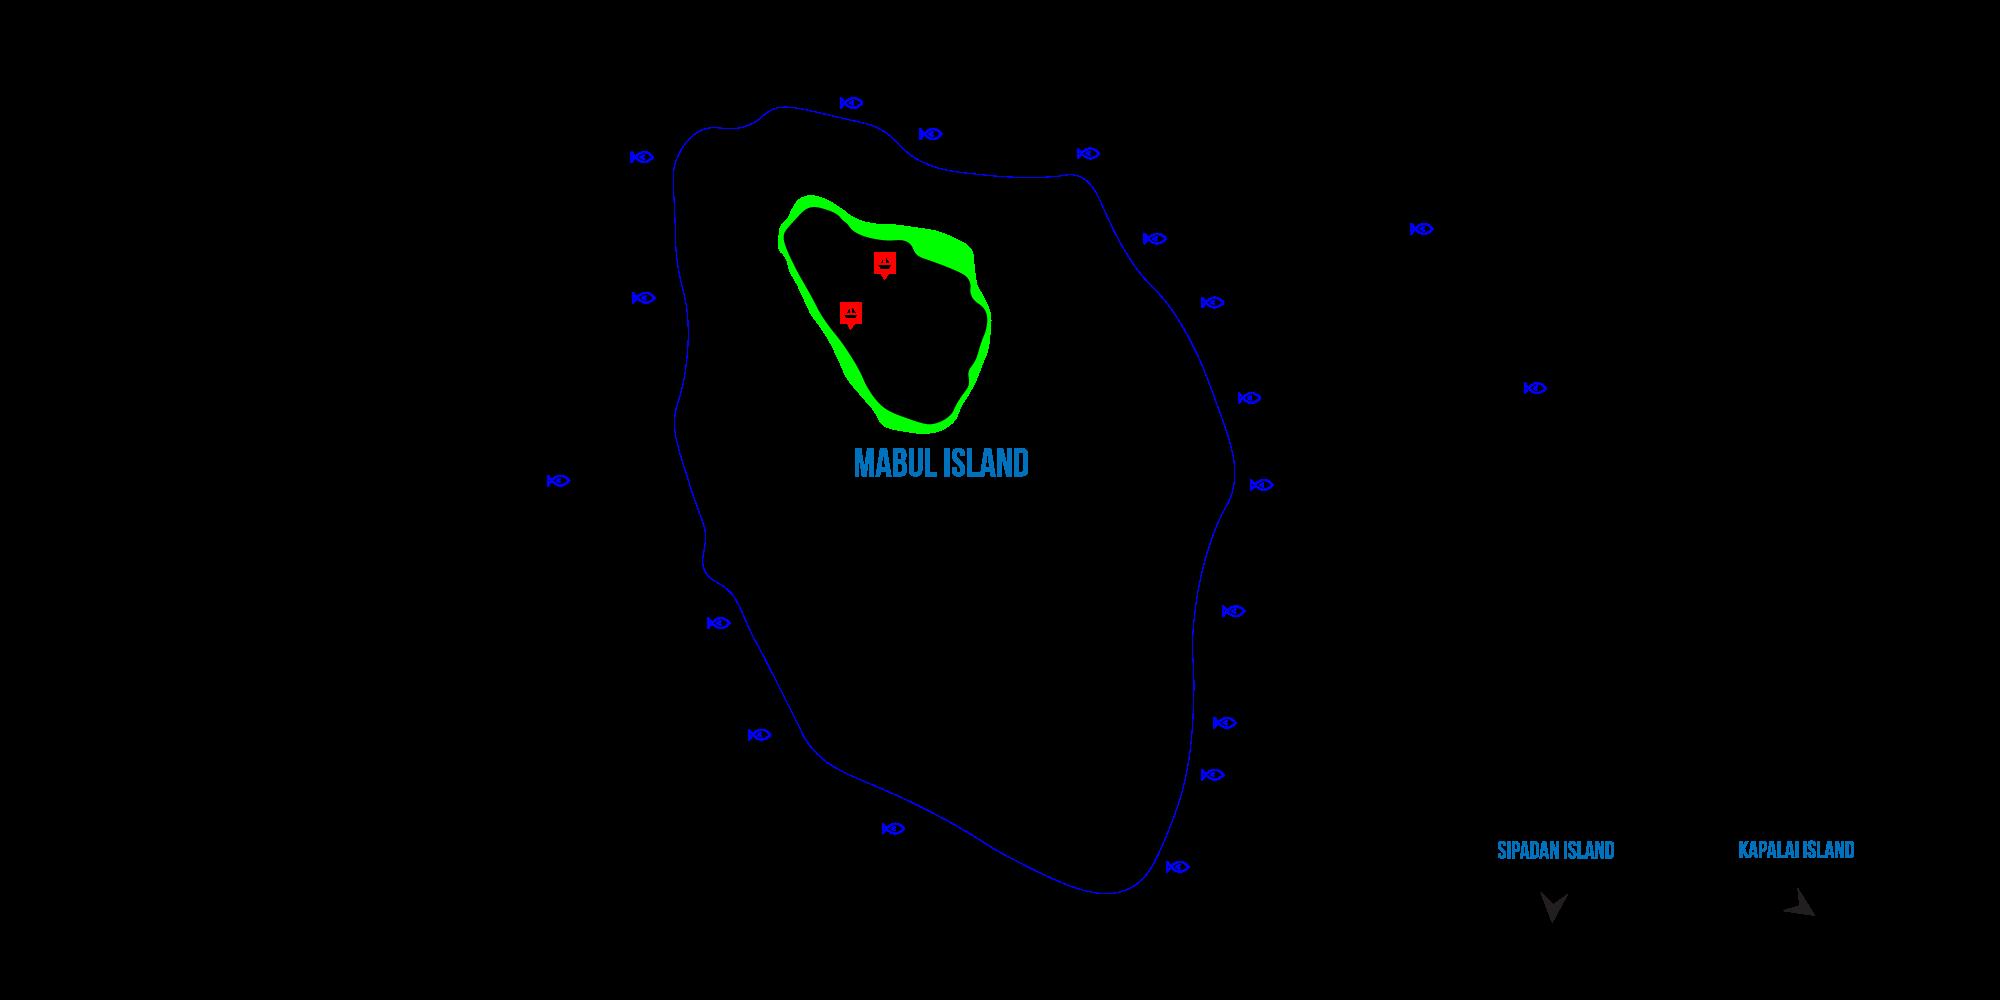 Mabul map